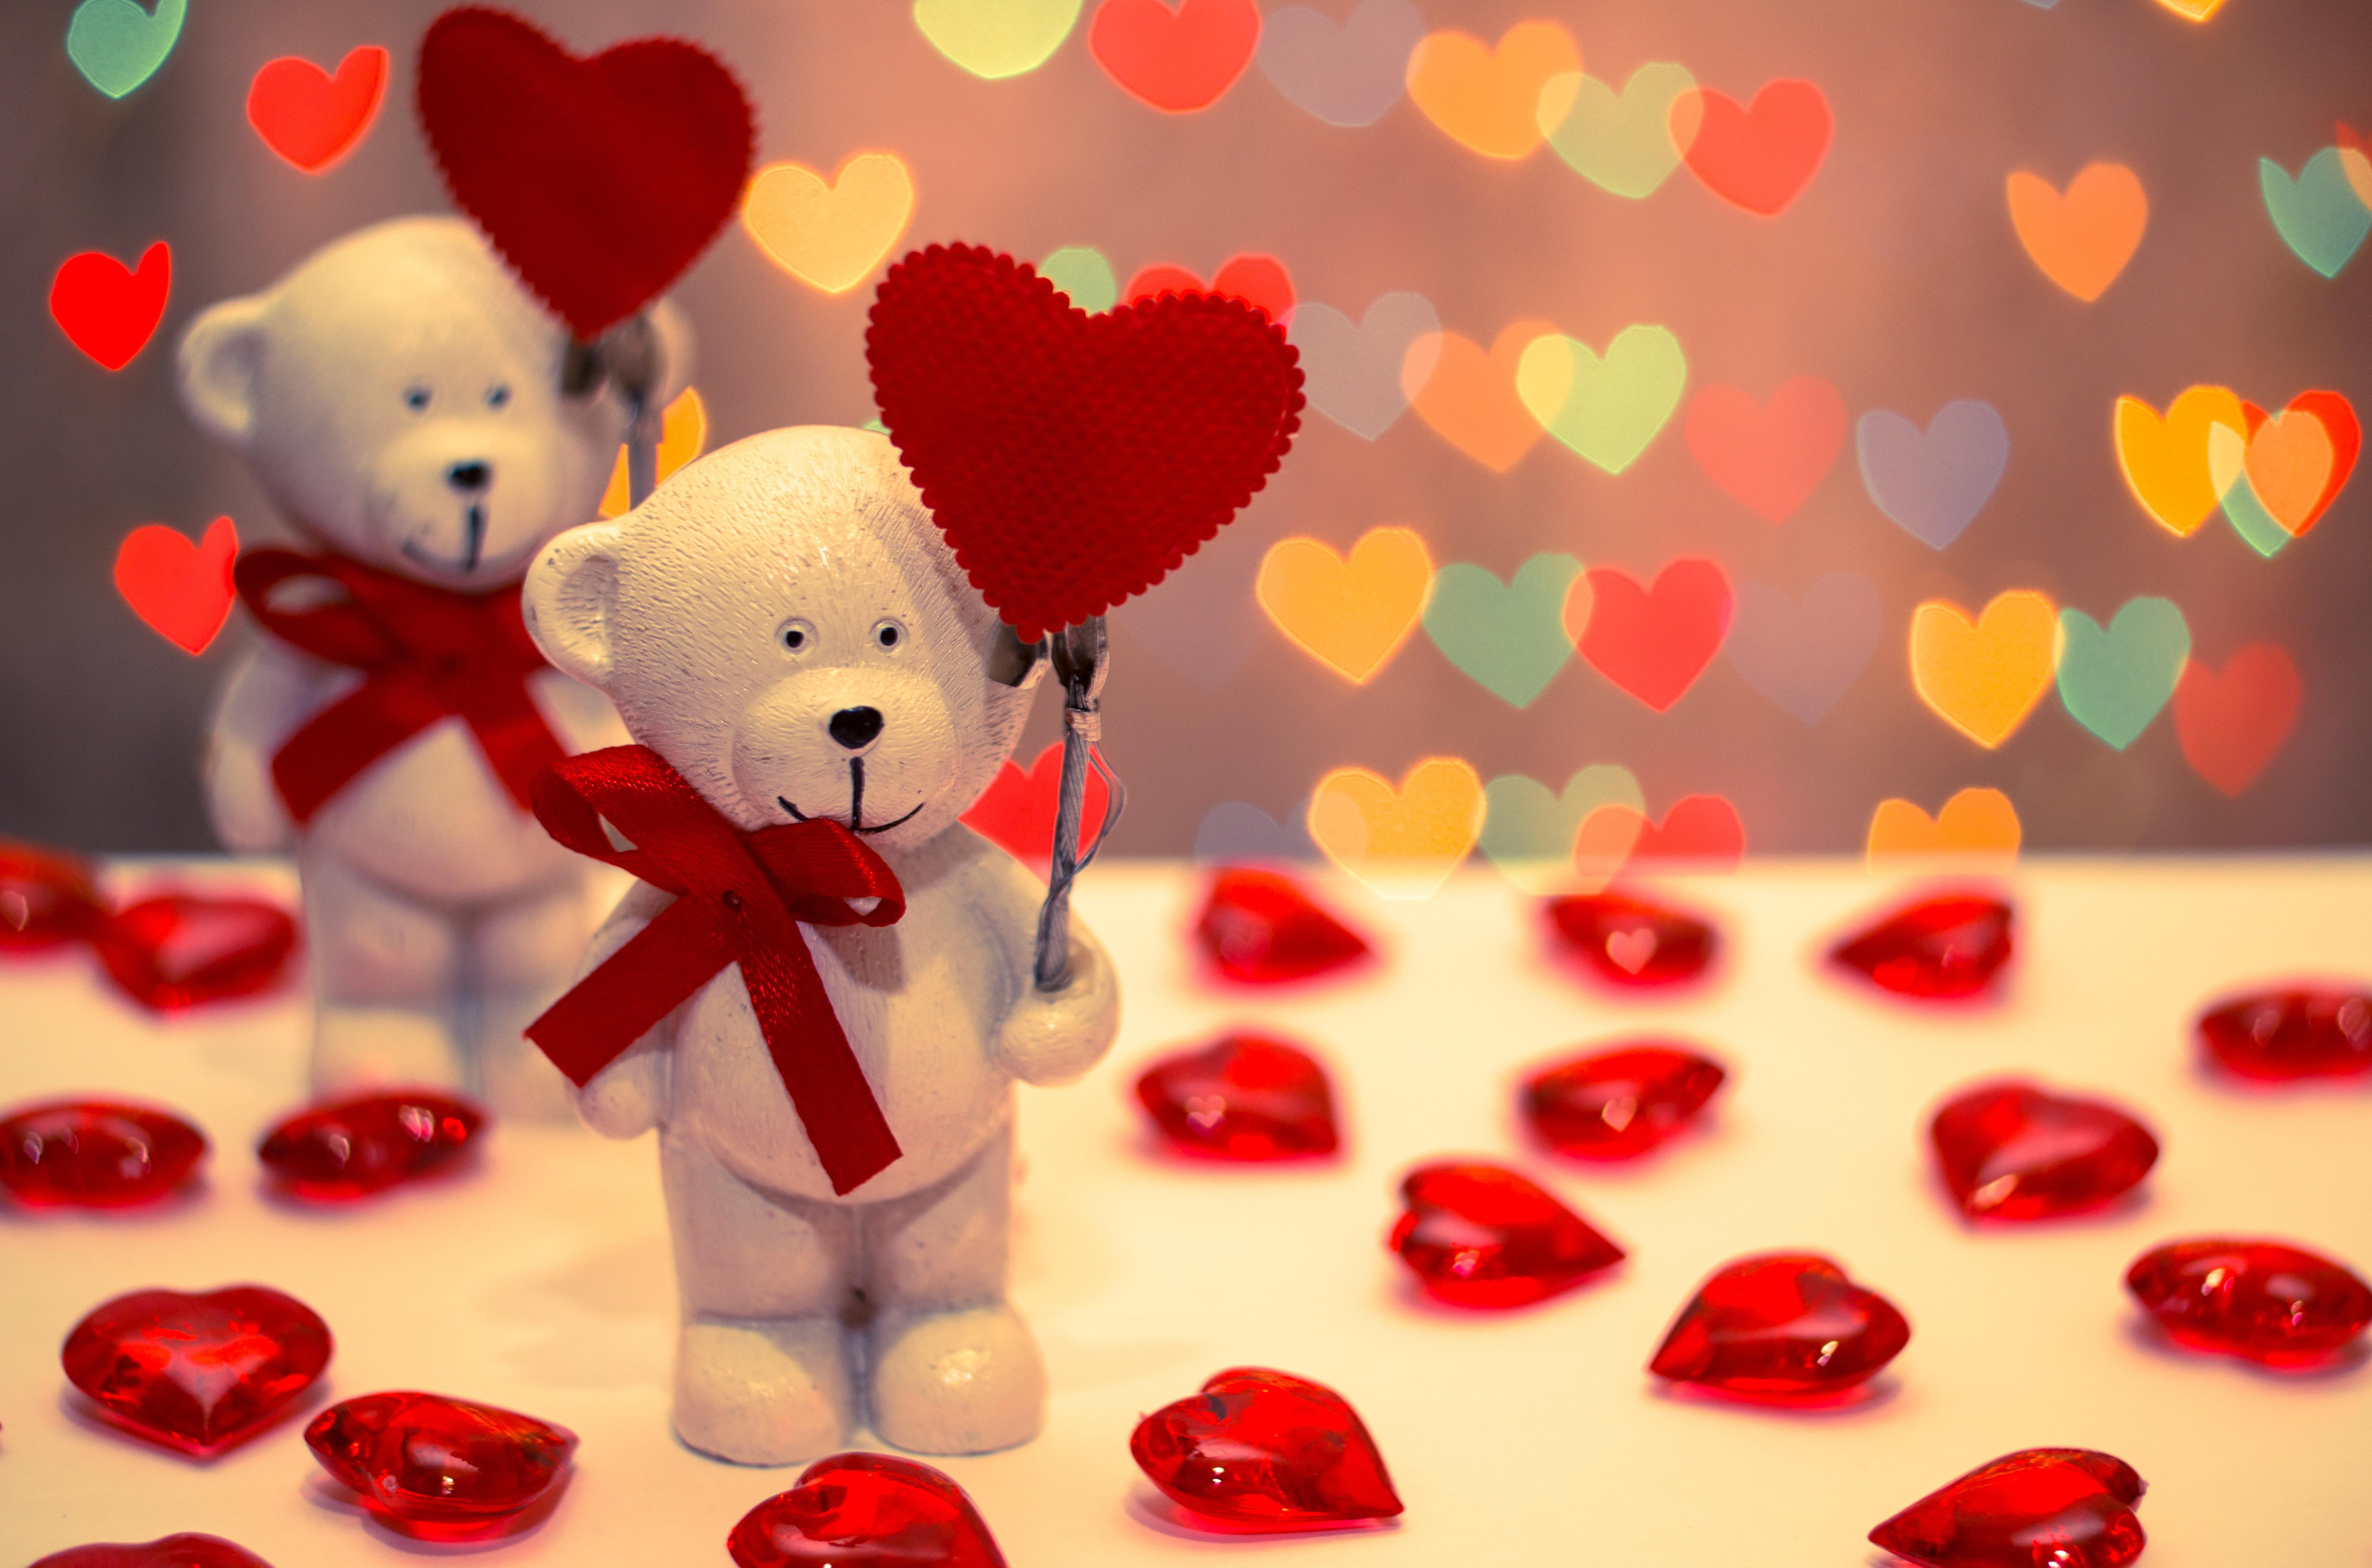 Картинки на телефон к дню влюбленных